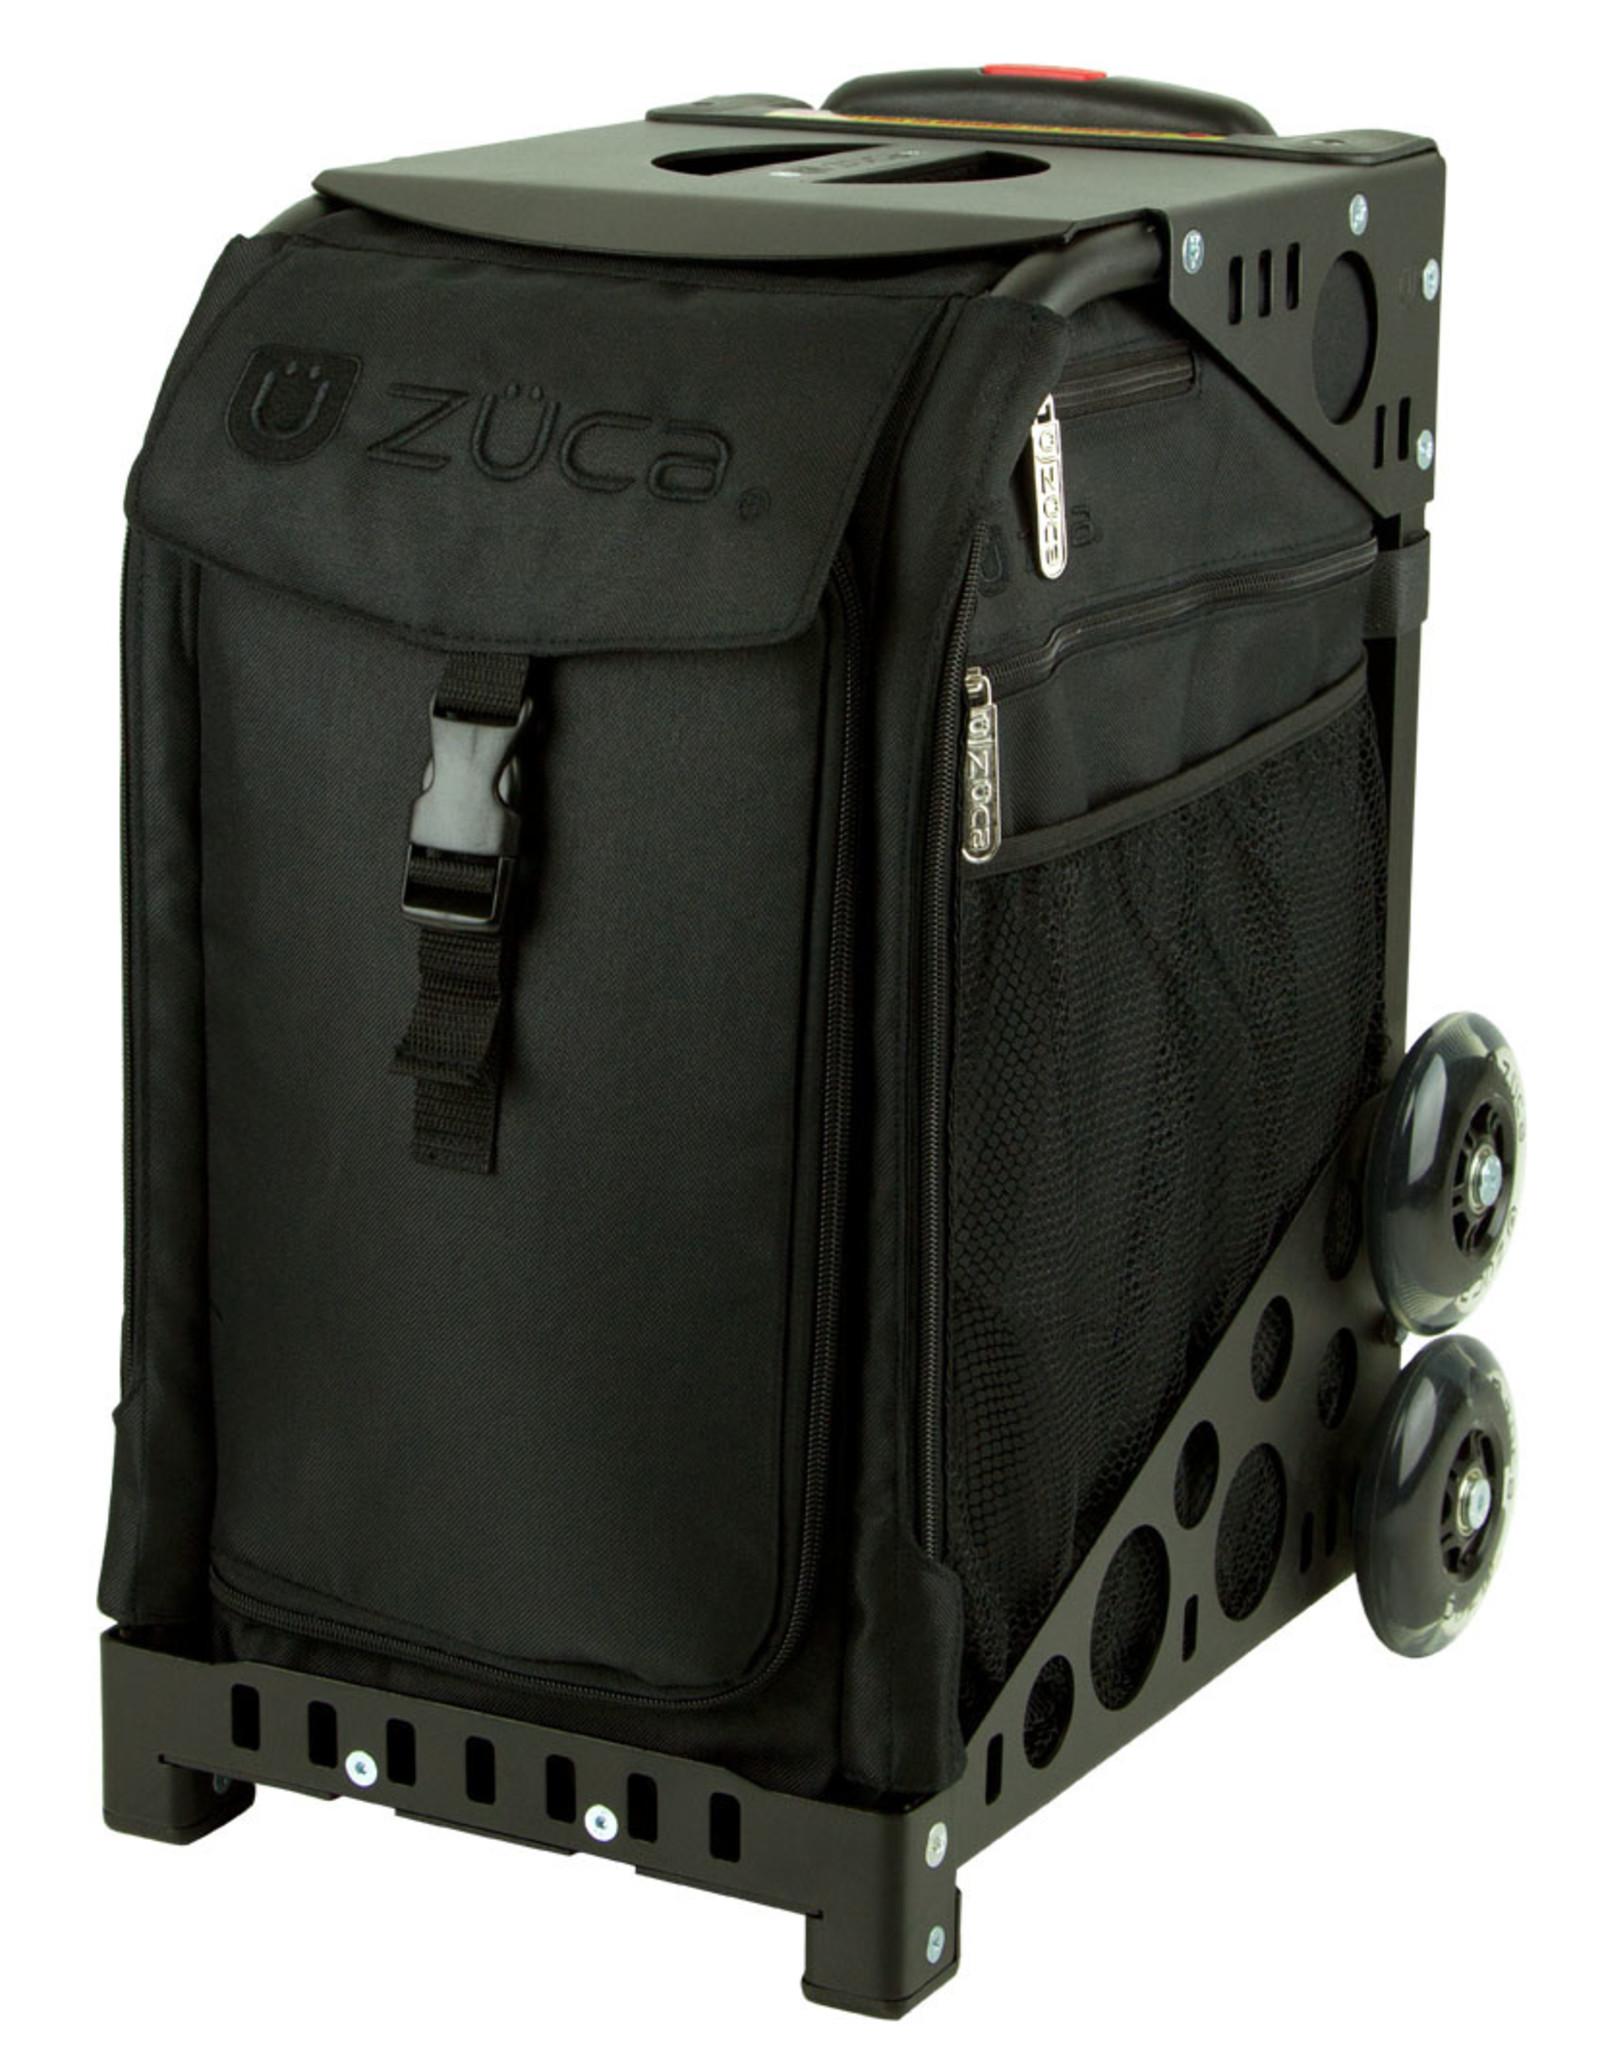 Zuca Zuca Complete - Solid